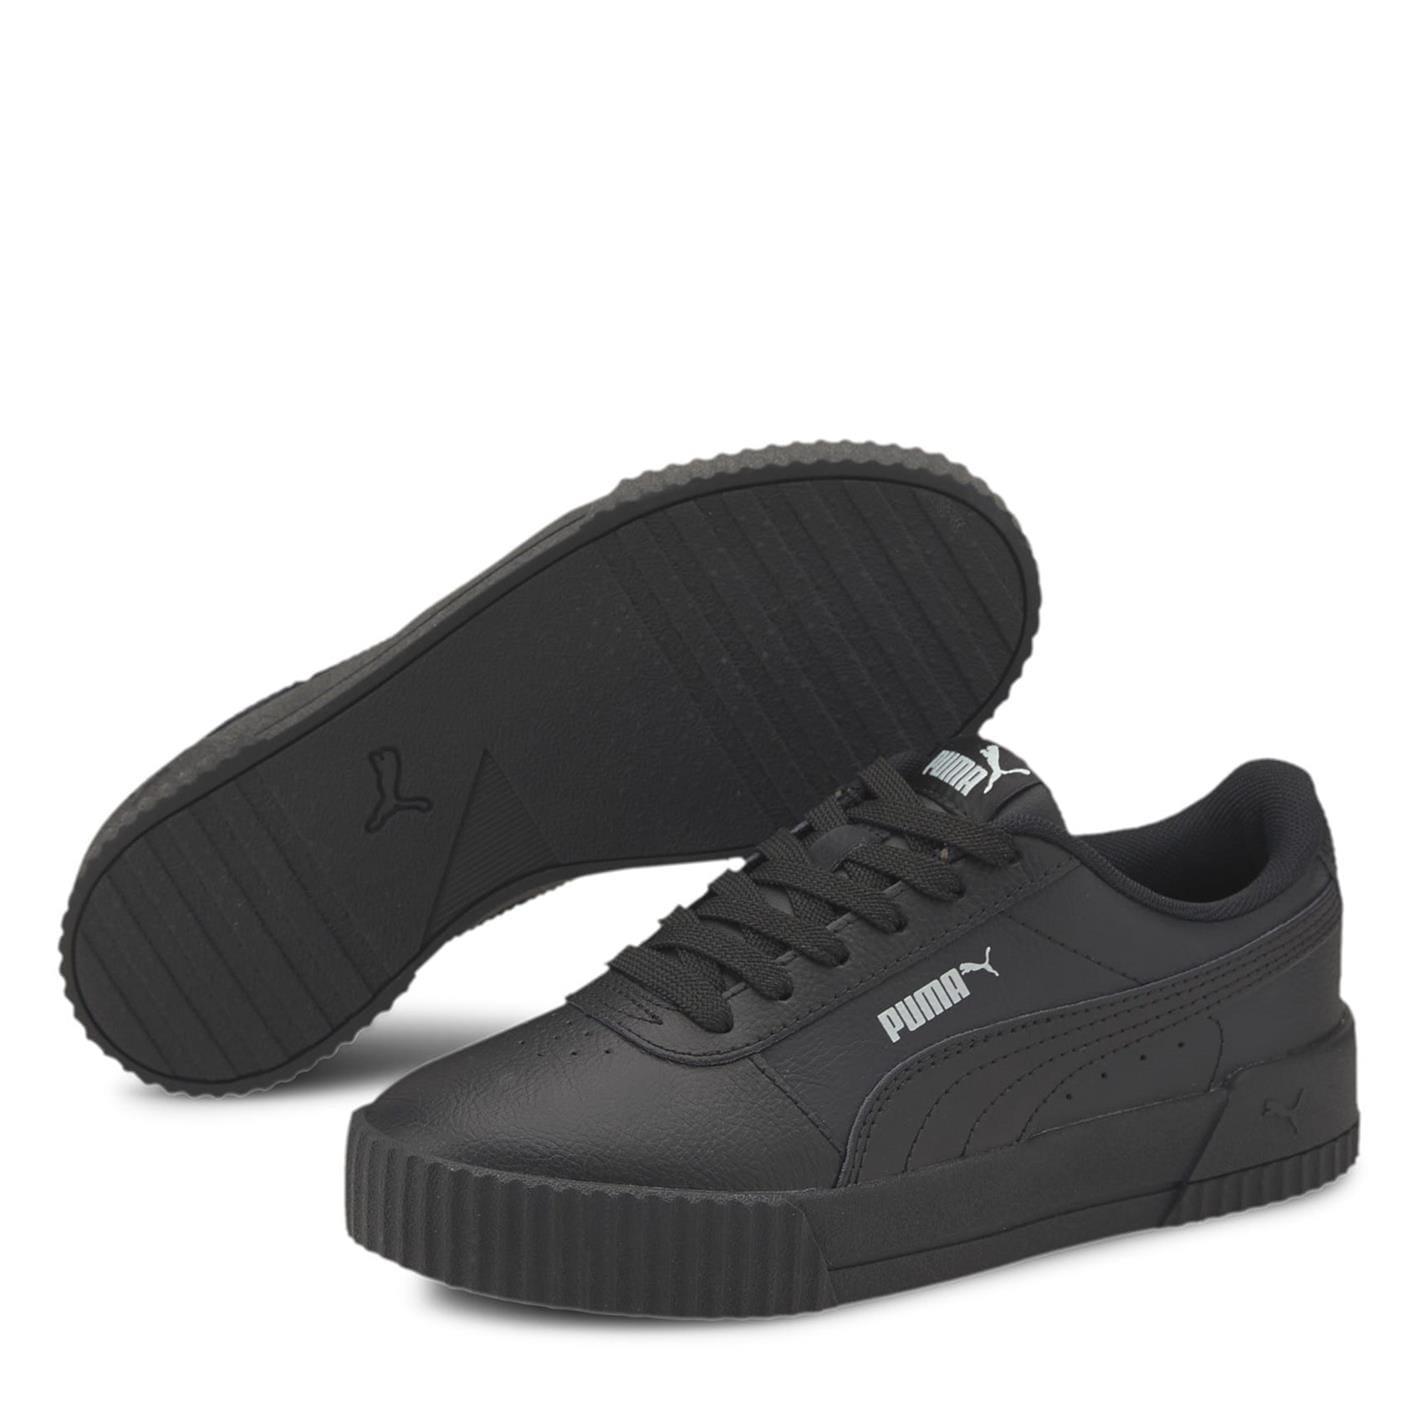 Mergi la Adidasi sport Puma Carina din piele pentru fetite negru